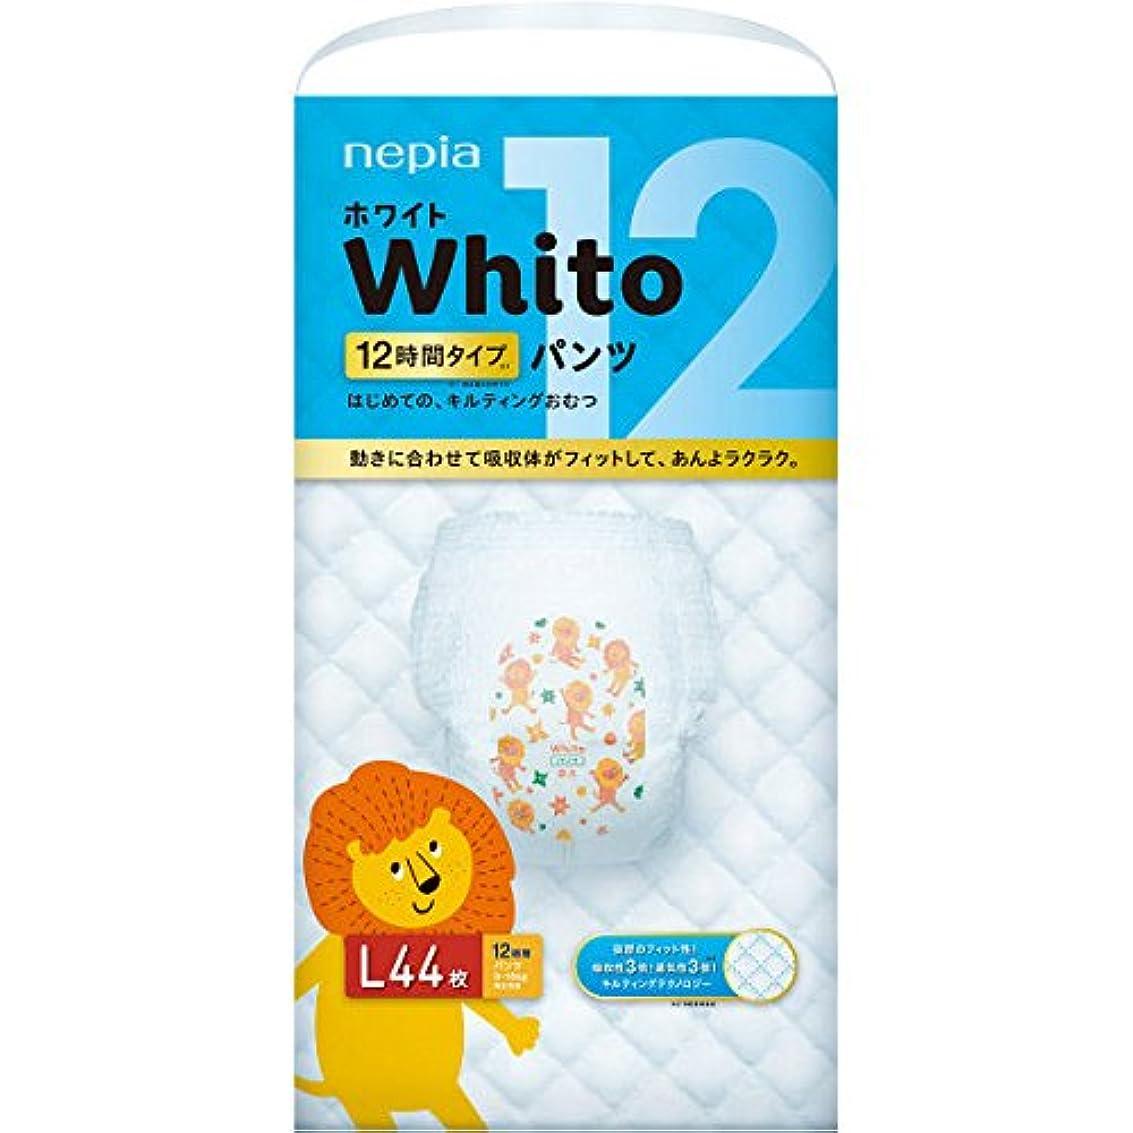 ネピア Whito(ホワイト) パンツ Lサイズ 12時間タイプ 44枚【3個セット(ケース販売)】